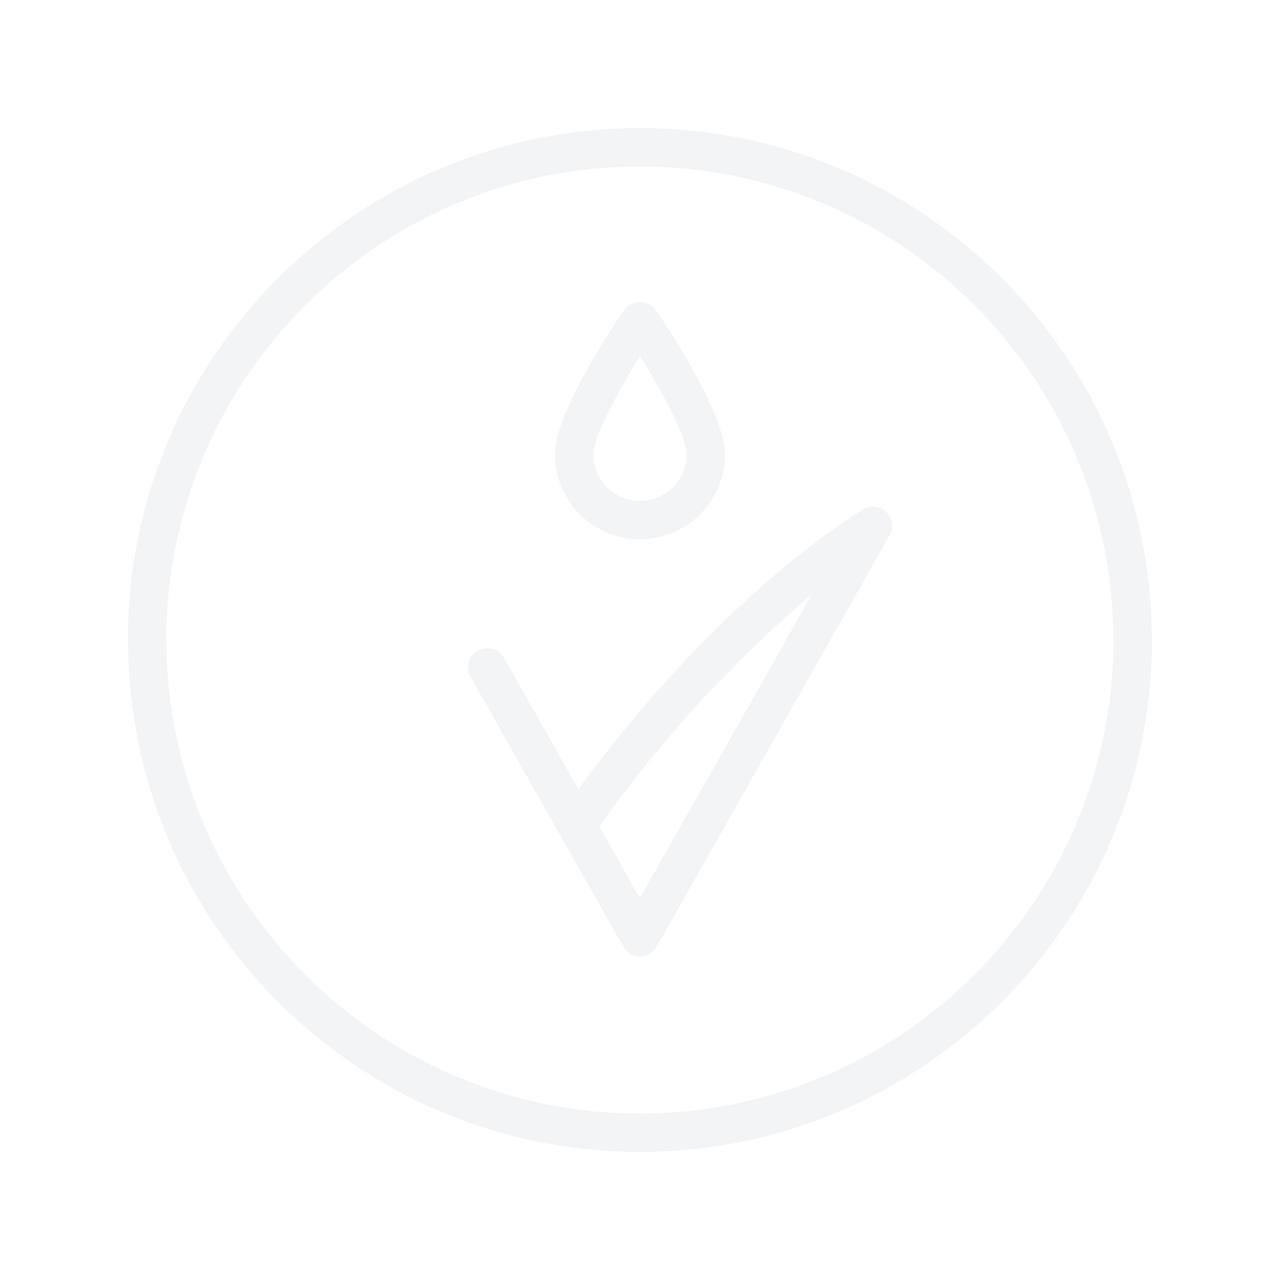 Clarins Bronzing Duo 10g